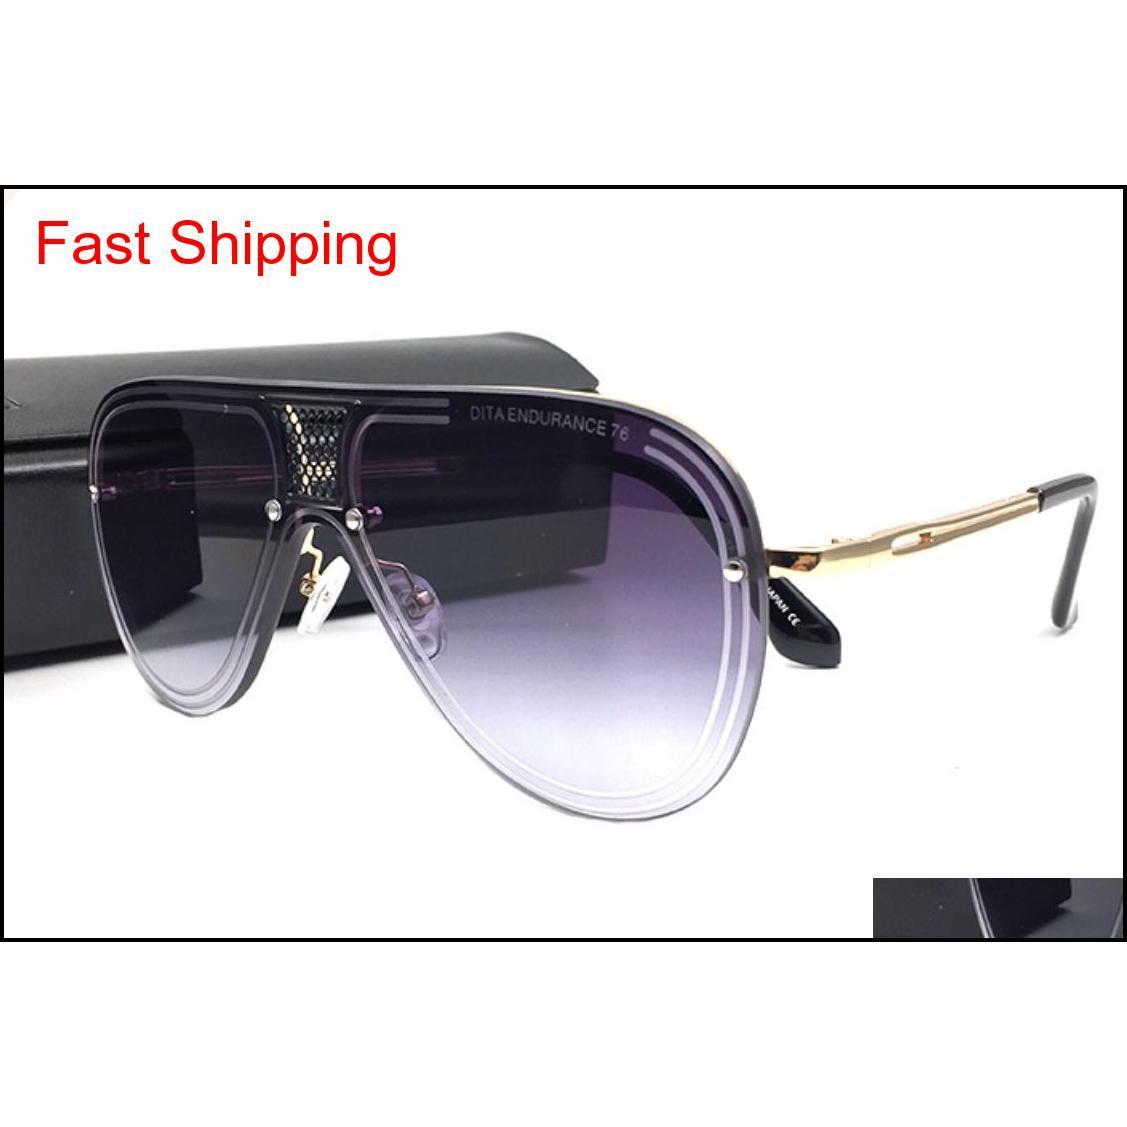 Рамки аксессуары Drop Доставка 2021 Роскошные Солнцезащитные очки Мужчины Дизайн Винтажные Солнцезащитные Очки Стиль Стиль Стиль квадратный Металлический Рамка Негабаритные Солнцезащитные Очки УФ